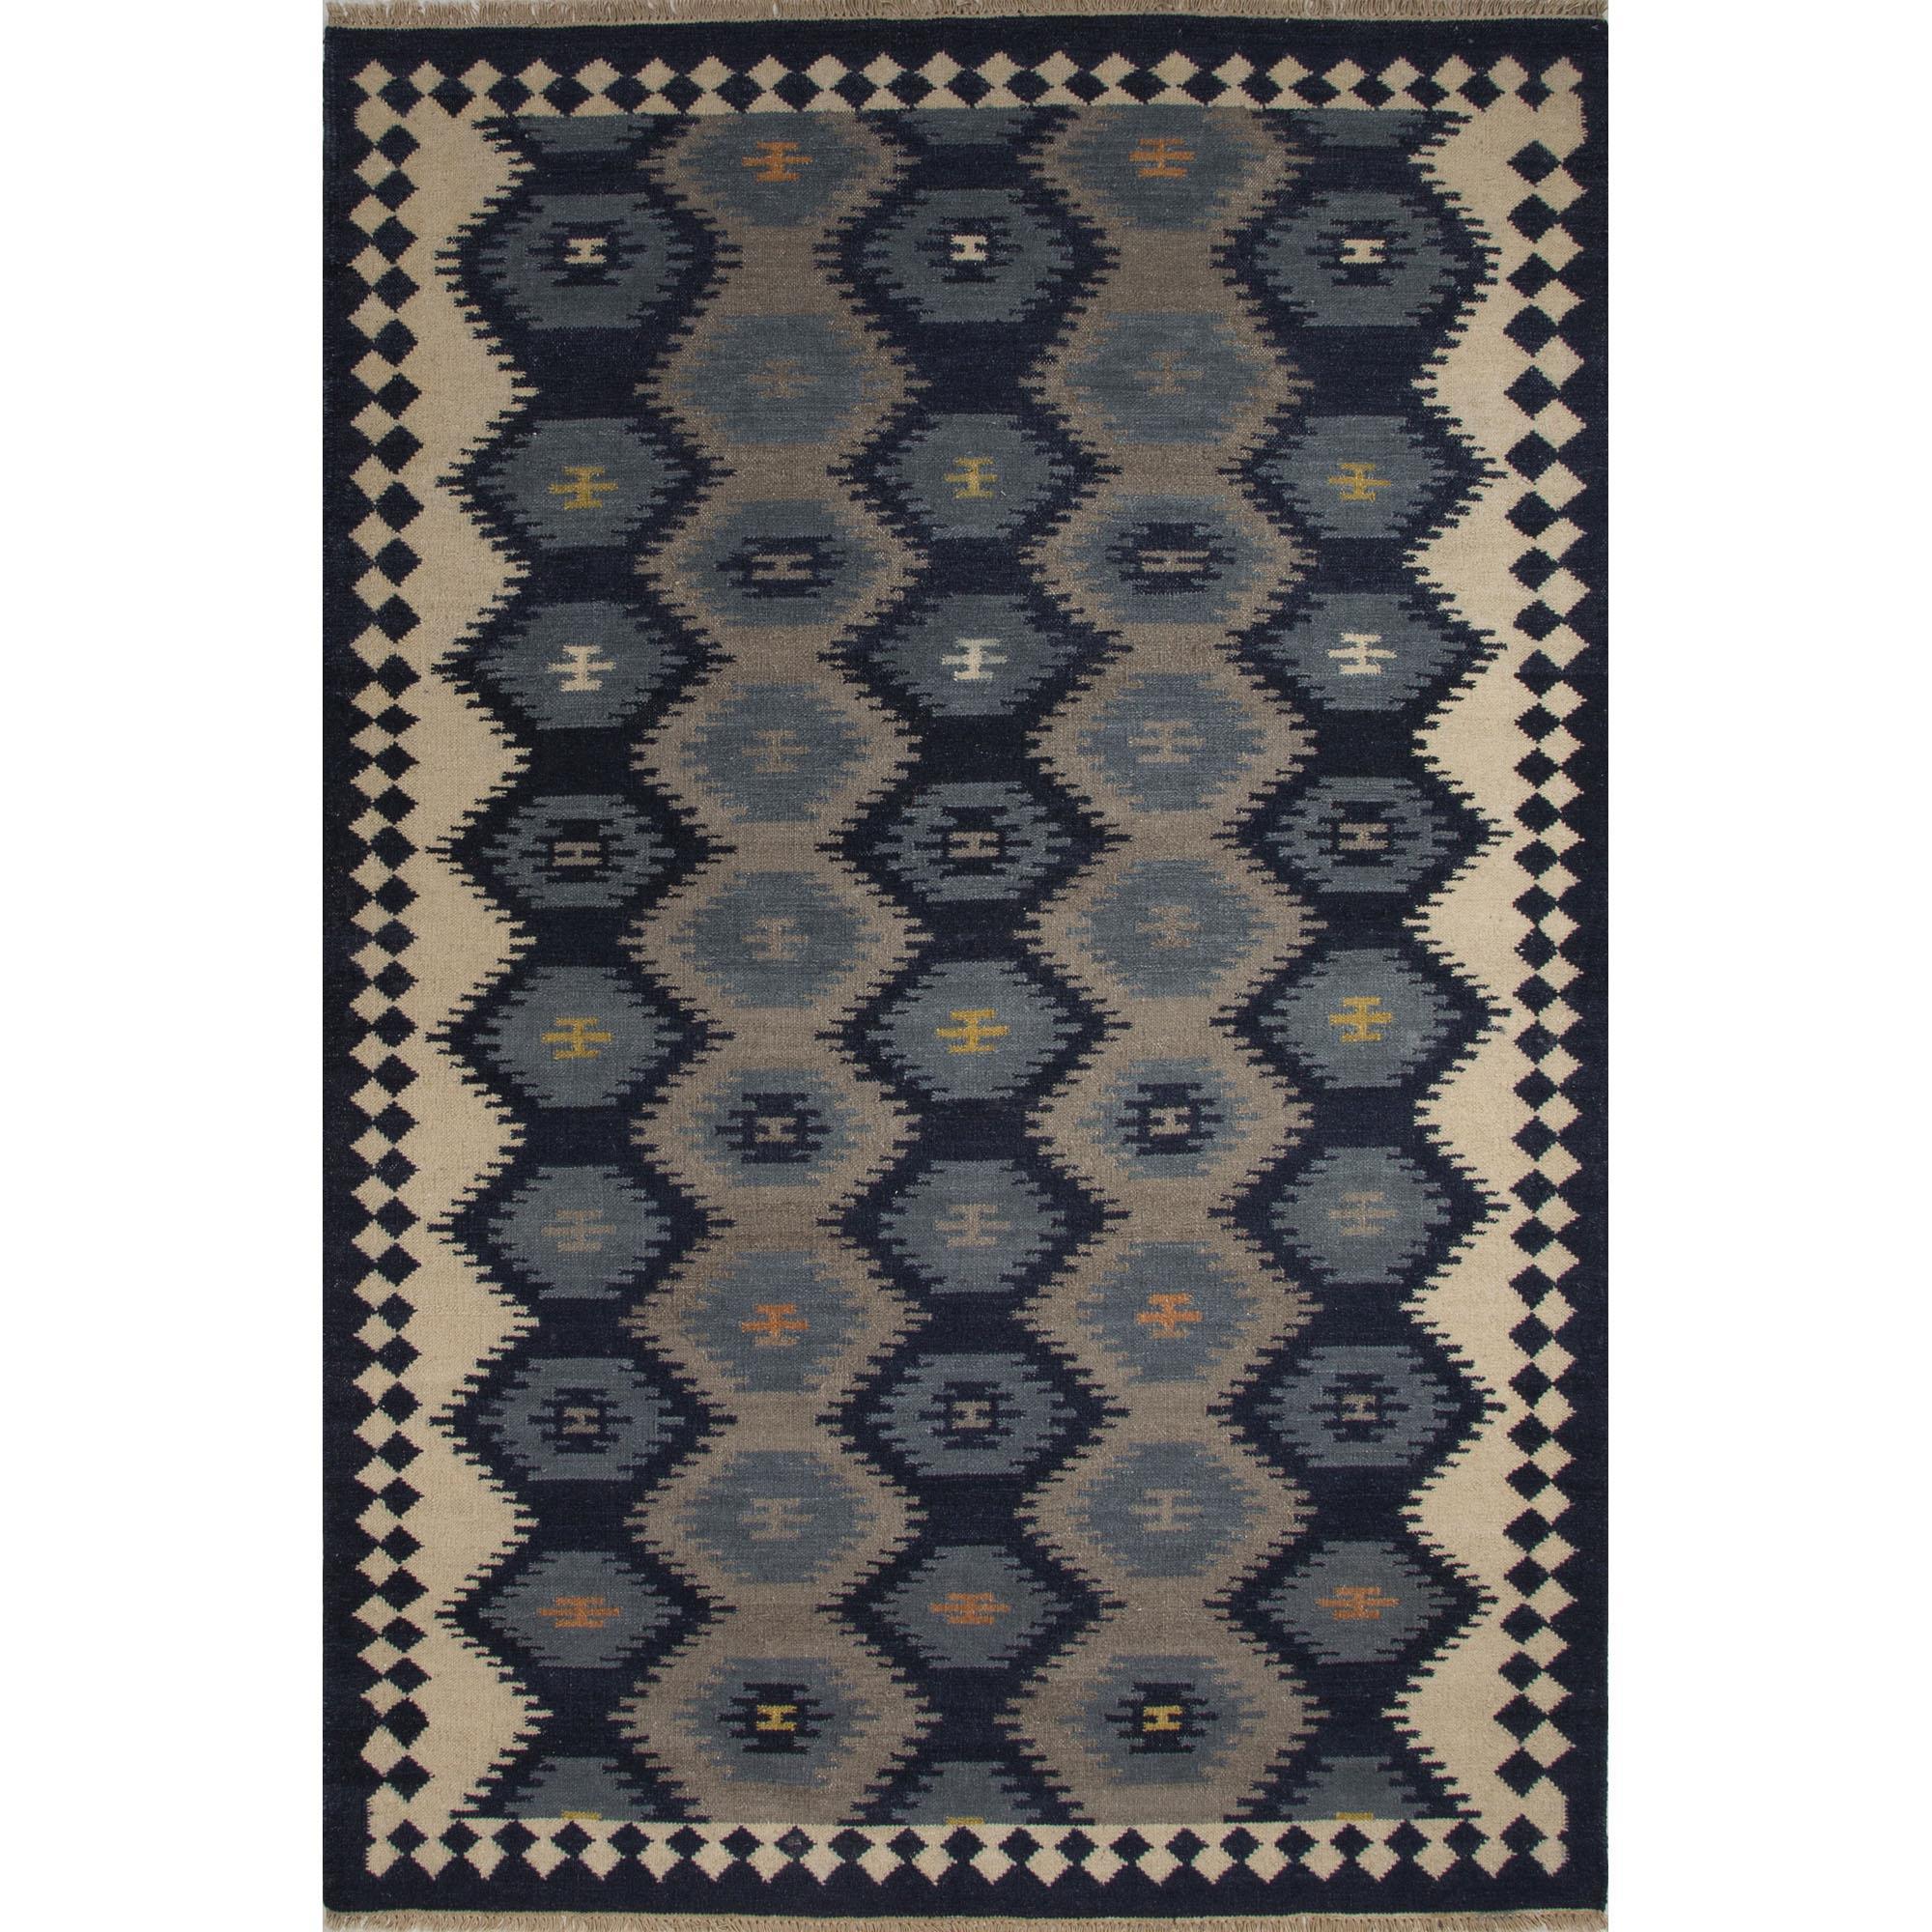 JAIPUR Rugs Anatolia 5 x 8 Rug - Item Number: RUG122003